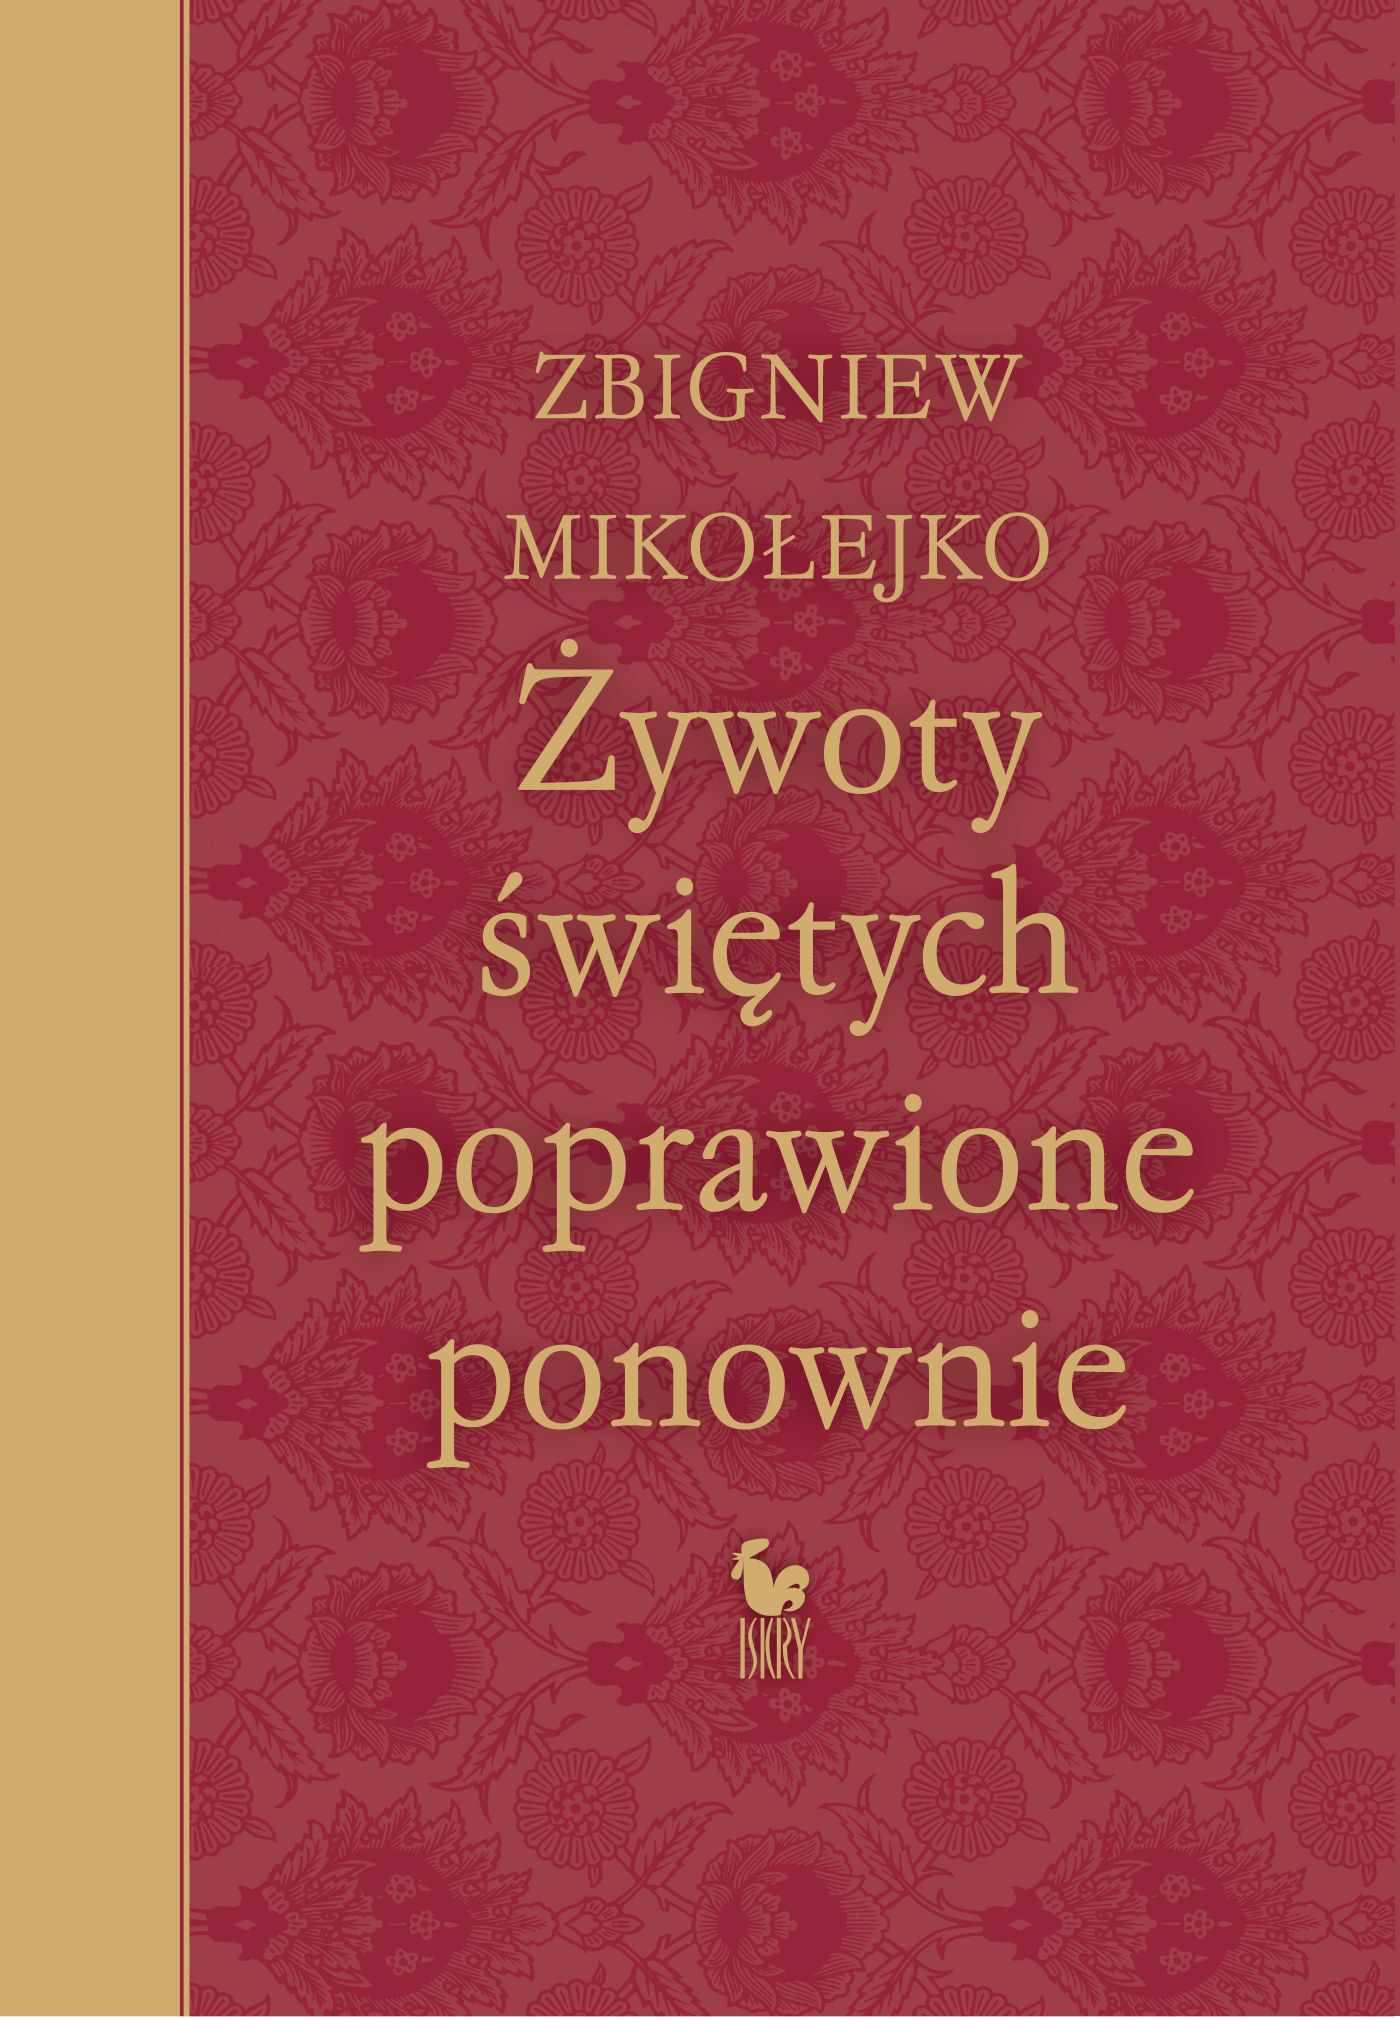 Żywoty świętych poprawione ponownie - Ebook (Książka EPUB) do pobrania w formacie EPUB